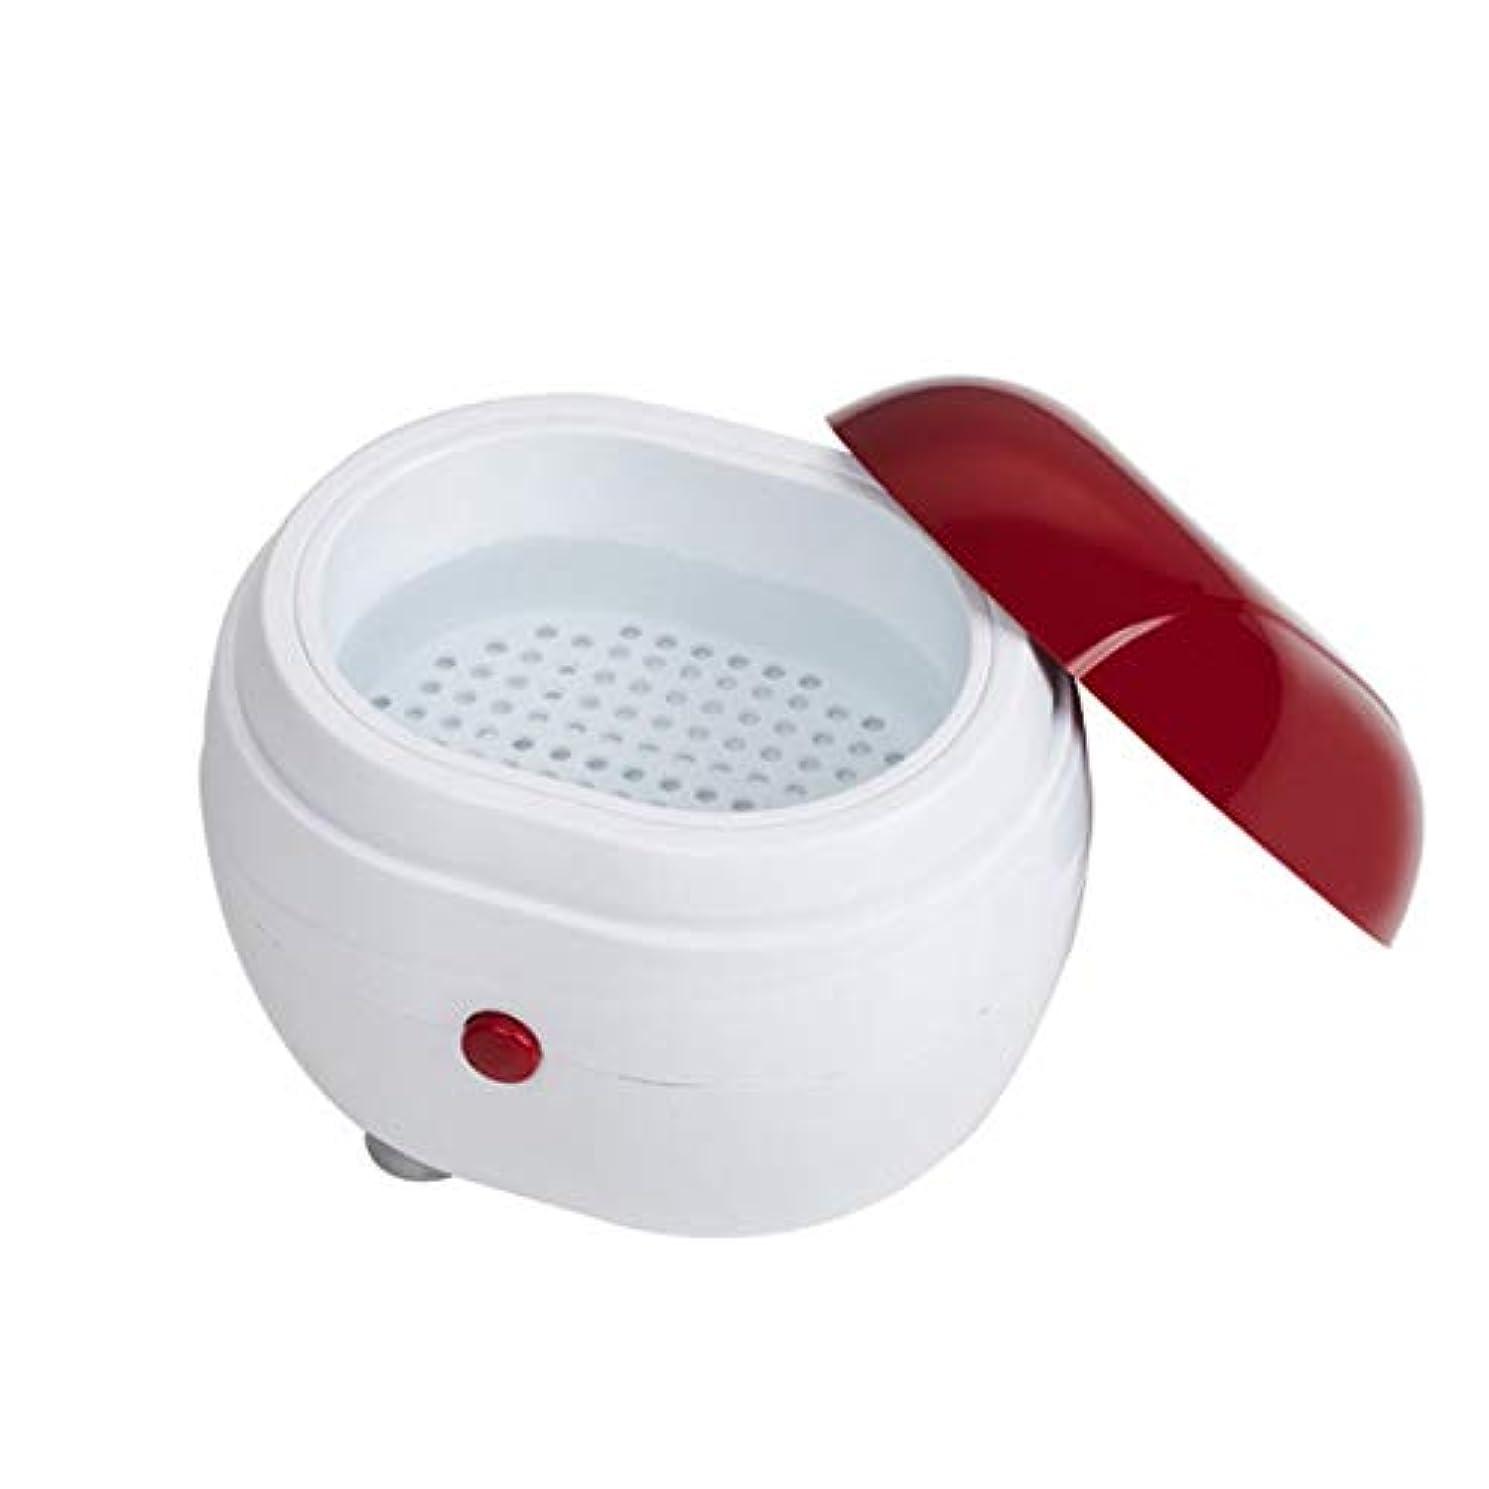 ヘッドレス入札日曜日ポータブル超音波洗濯機家庭用ジュエリーレンズ時計入れ歯クリーニング機洗濯機クリーナークリーニングボックス - 赤&白